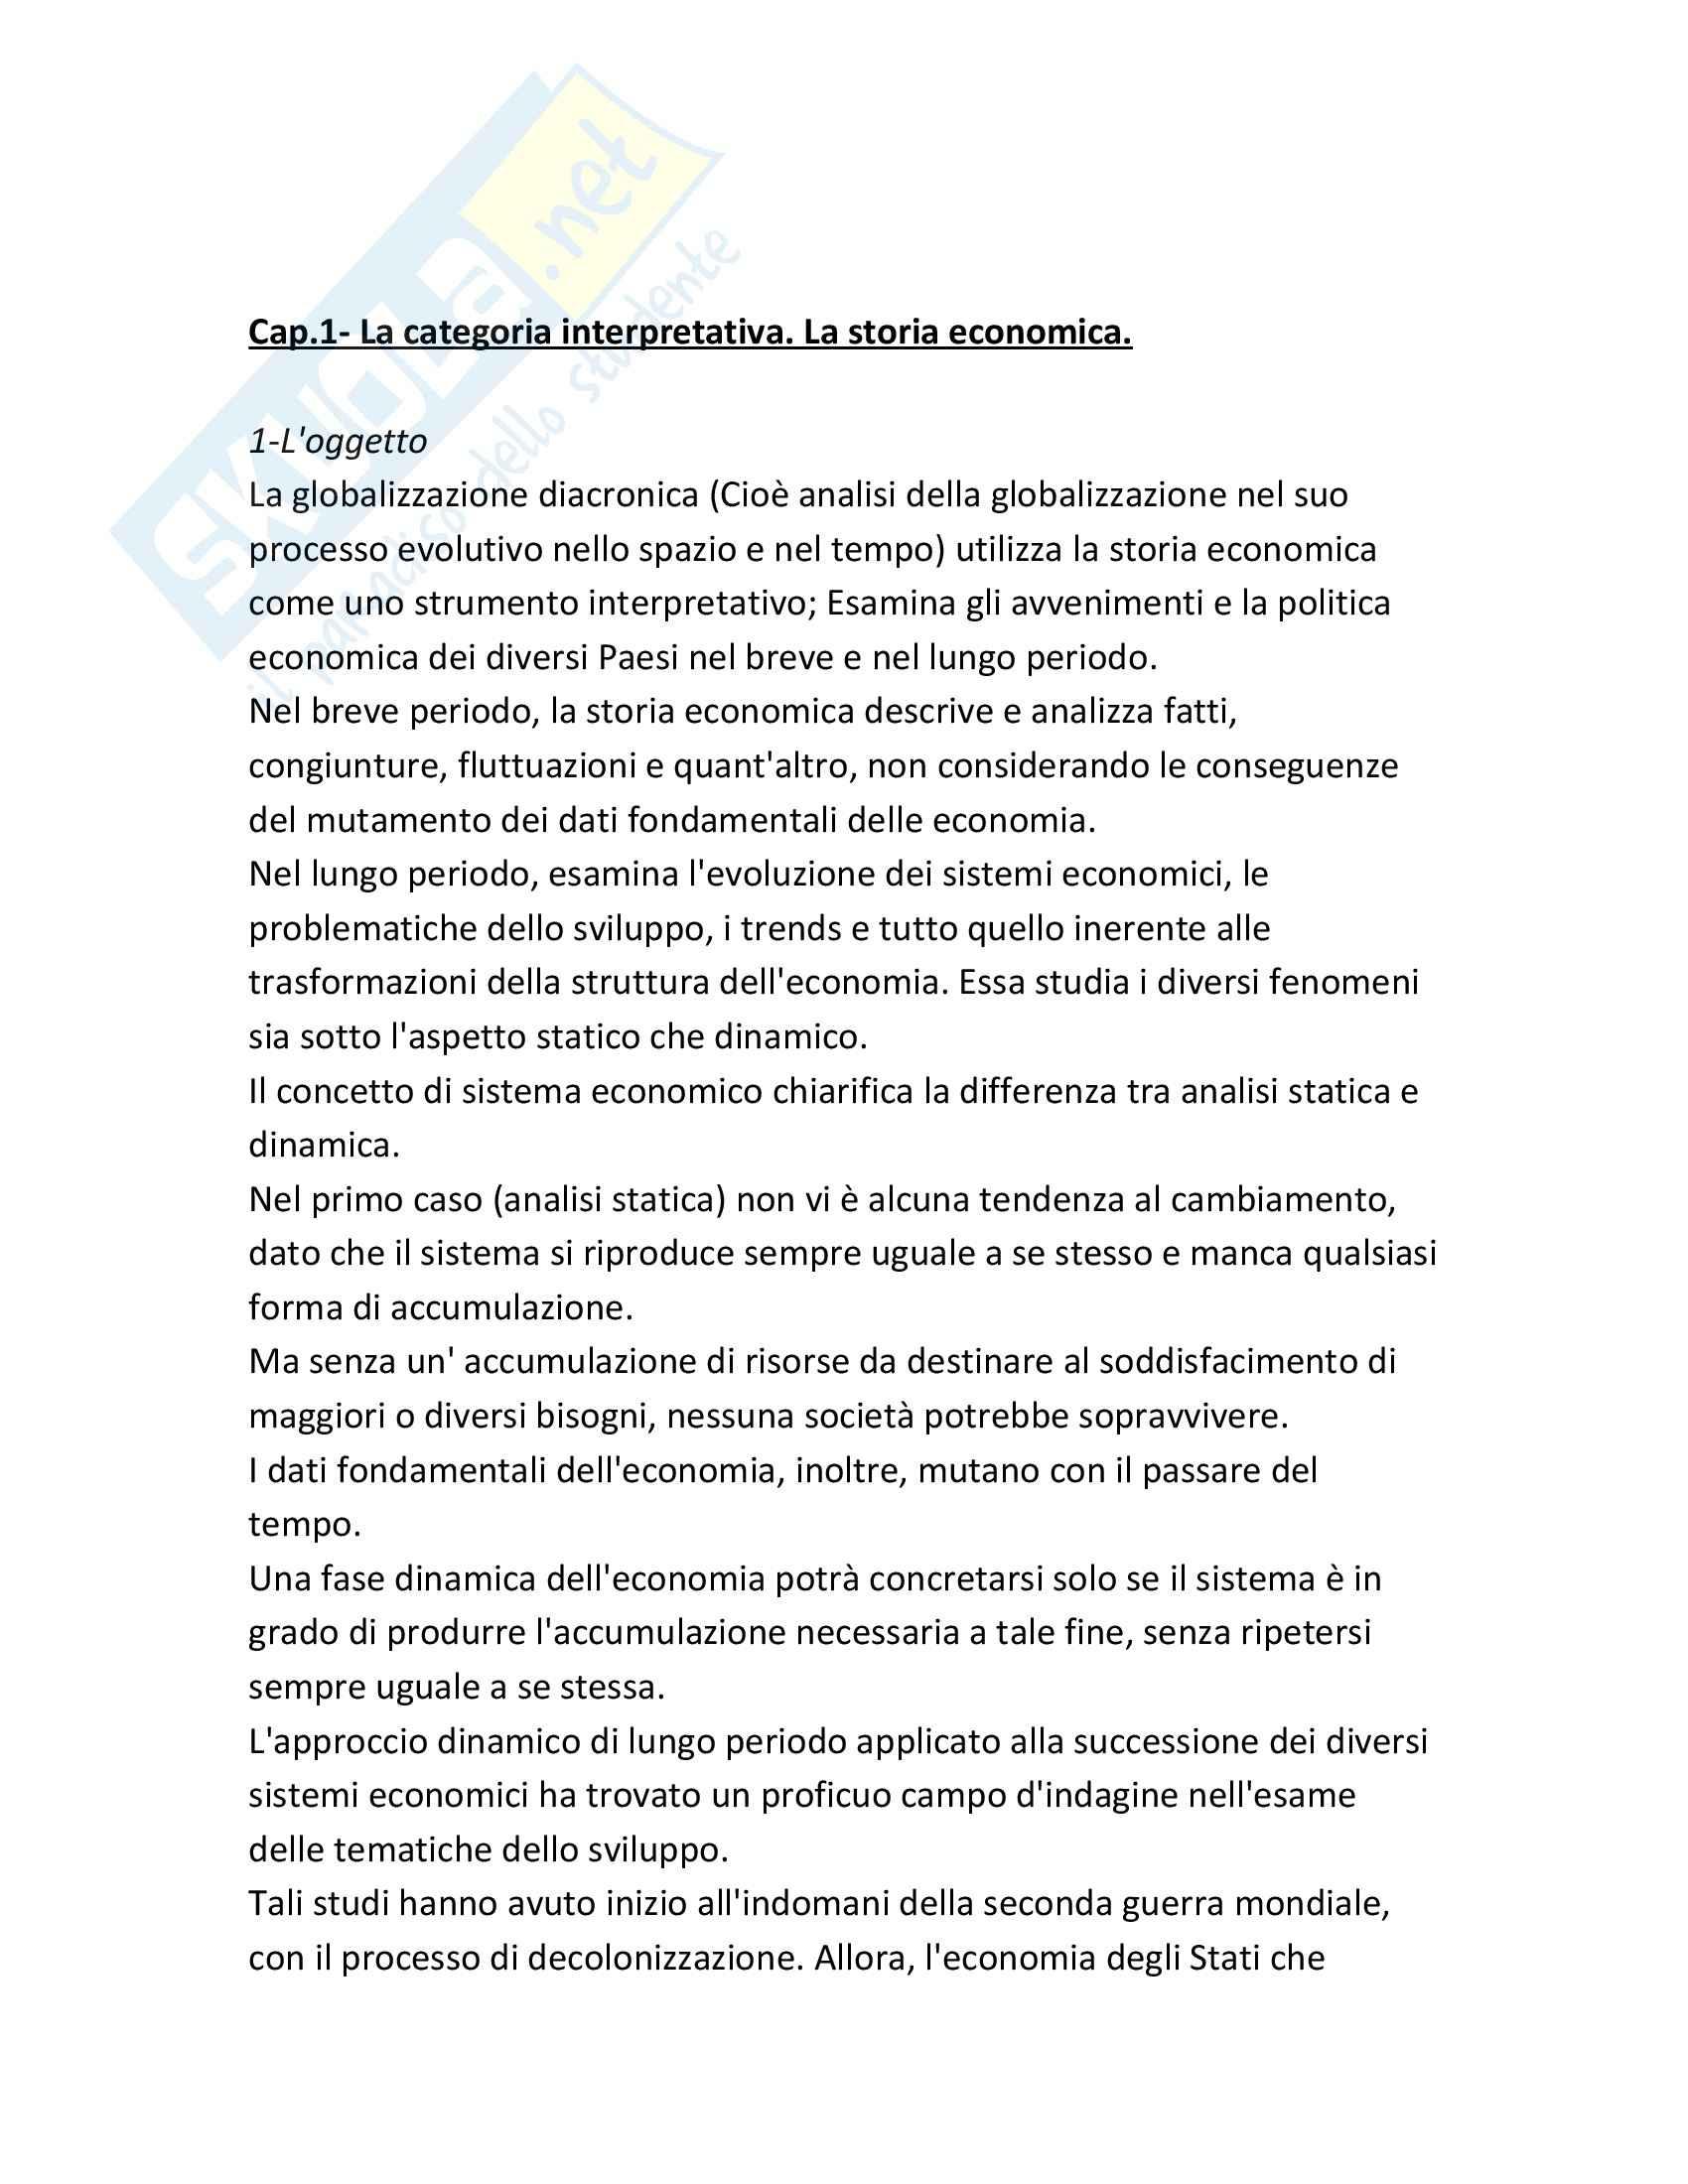 Riassunto esame Storia dell'economia, prof. Di Taranto, libro consigliato Globalizzazione diacronica, Di Taranto